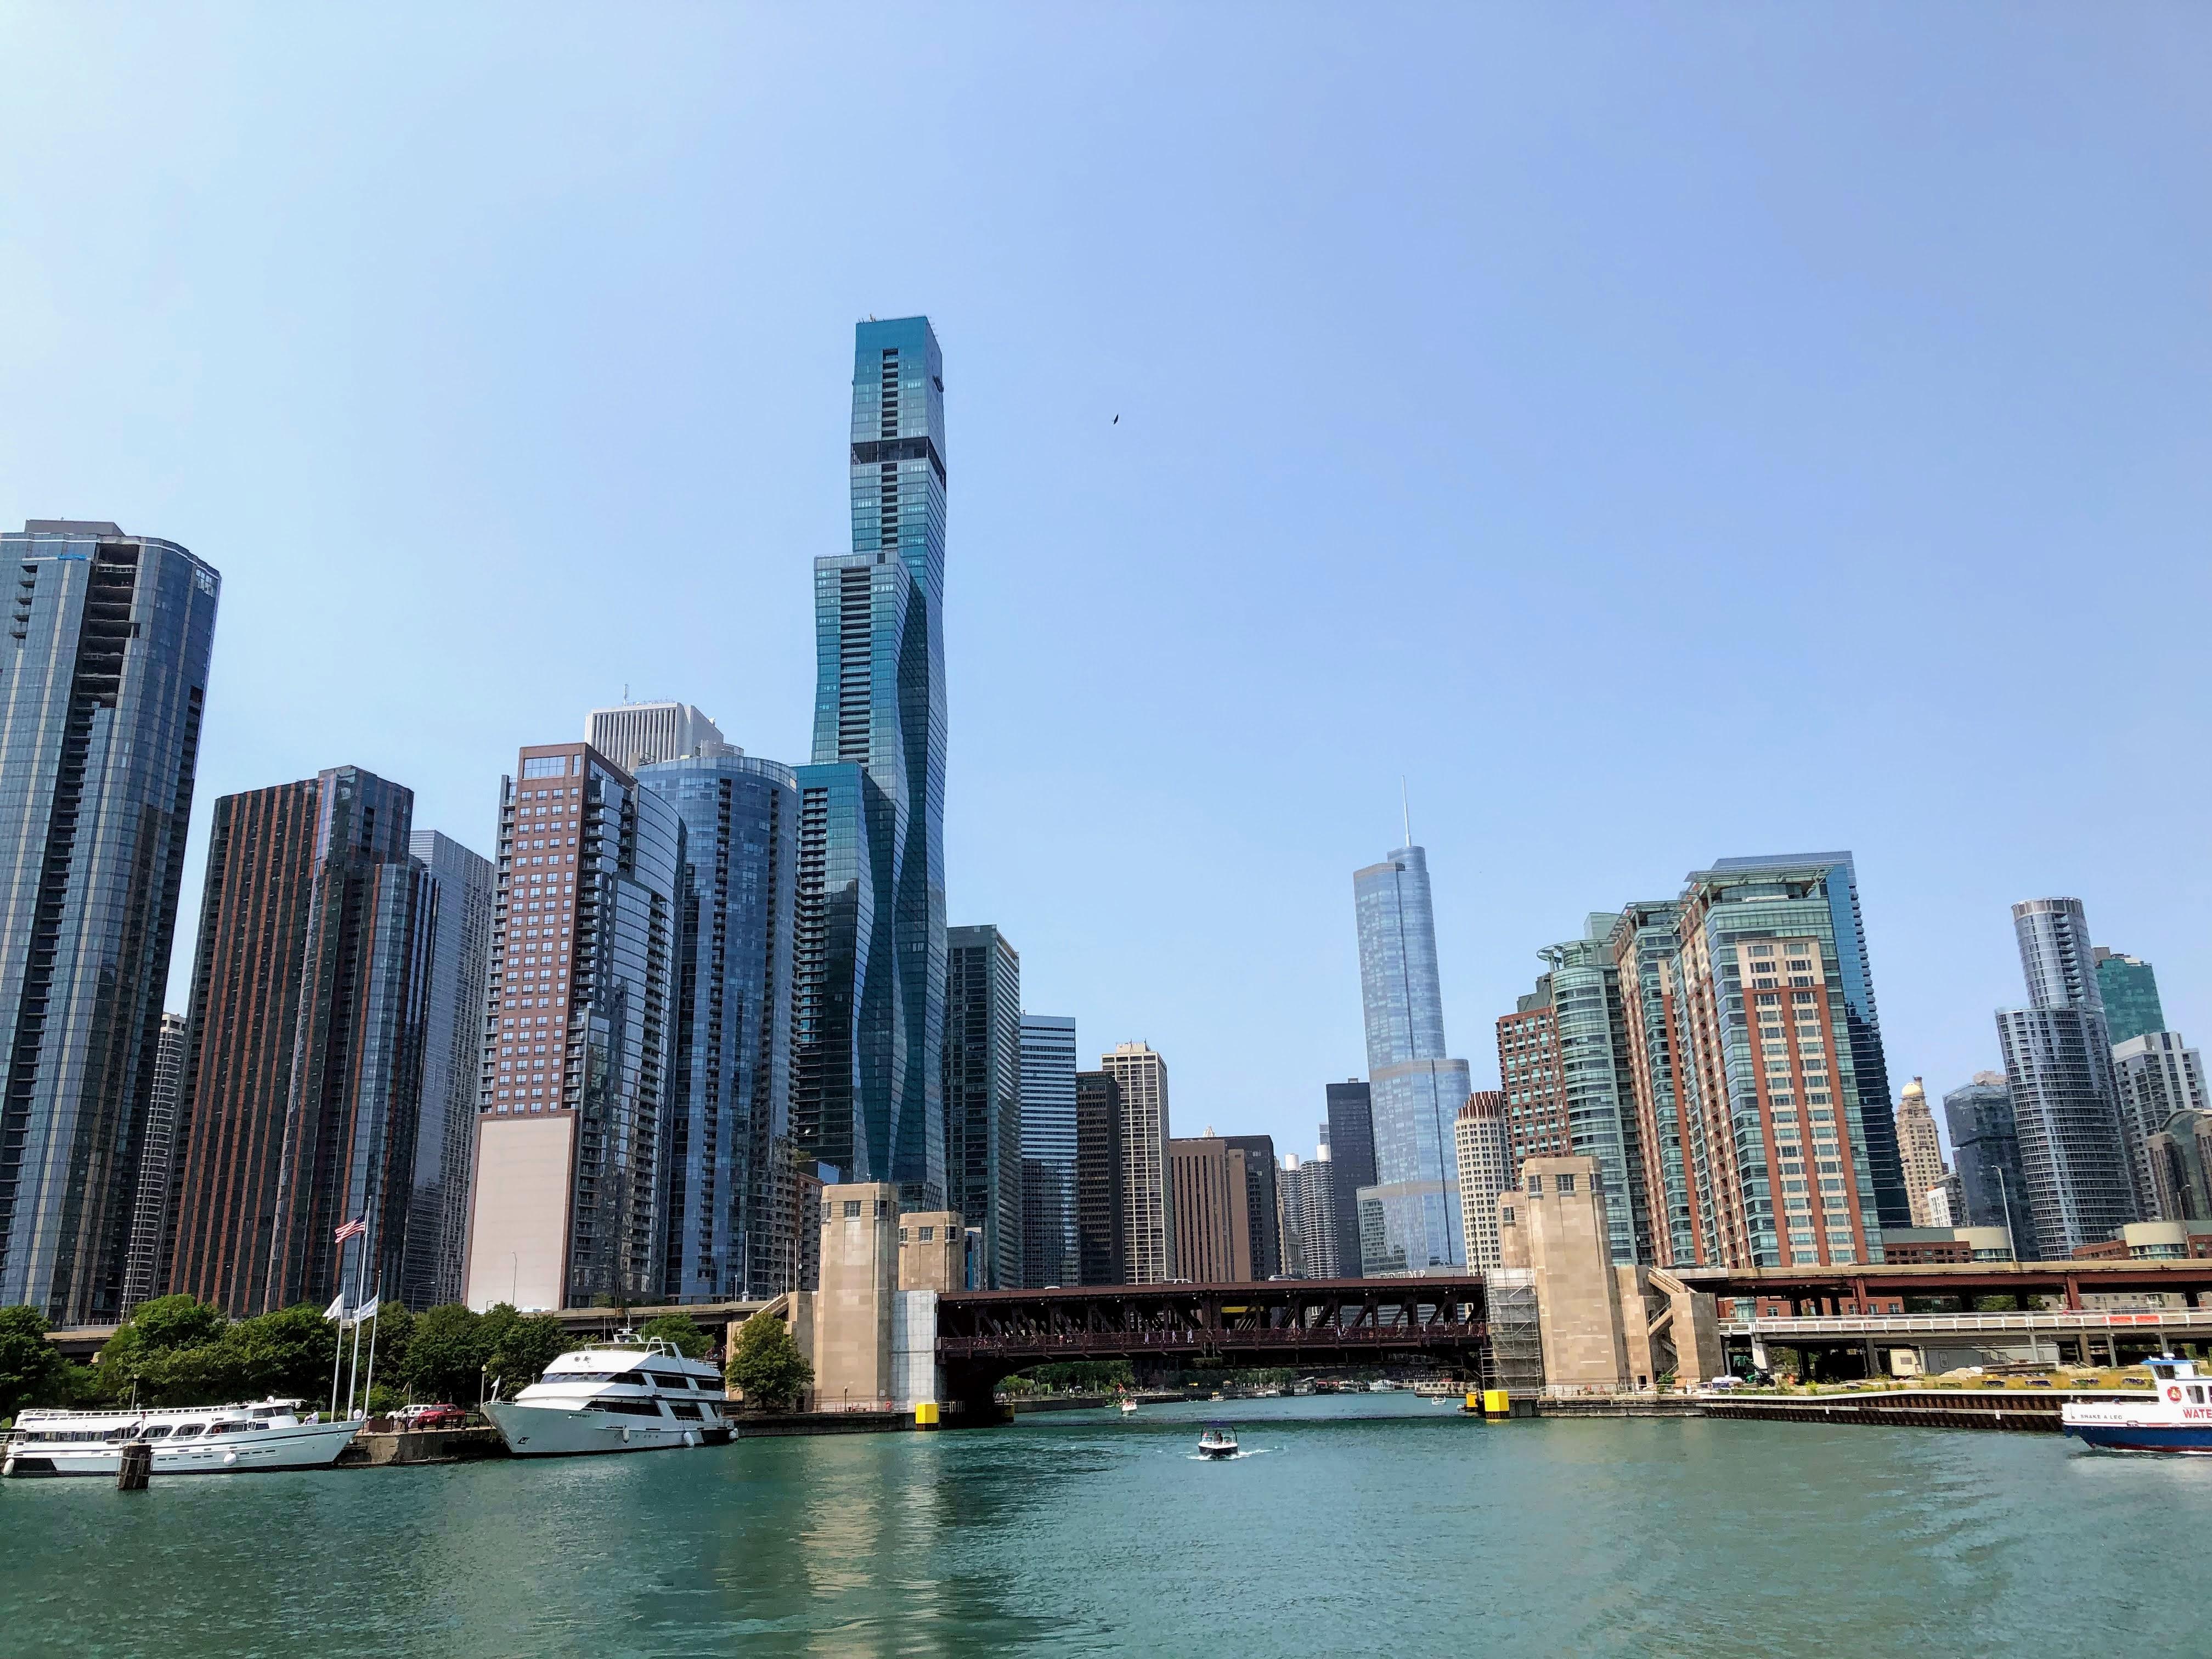 St. Regis Chicago